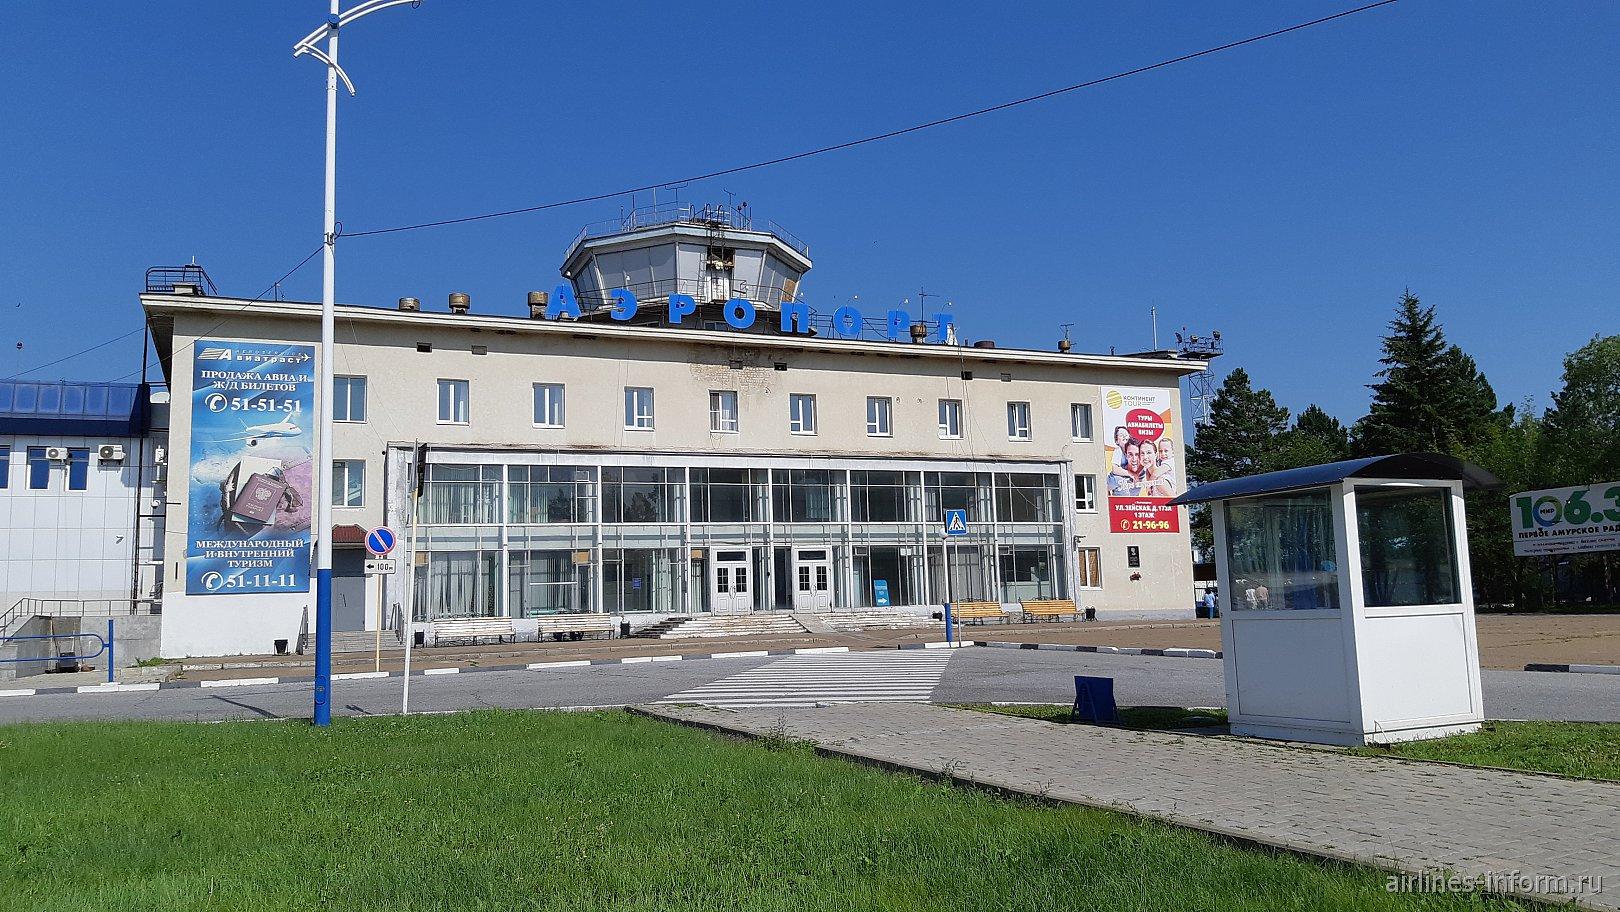 Старый аэровокзал аэропорта Благовещенск Игнатьево